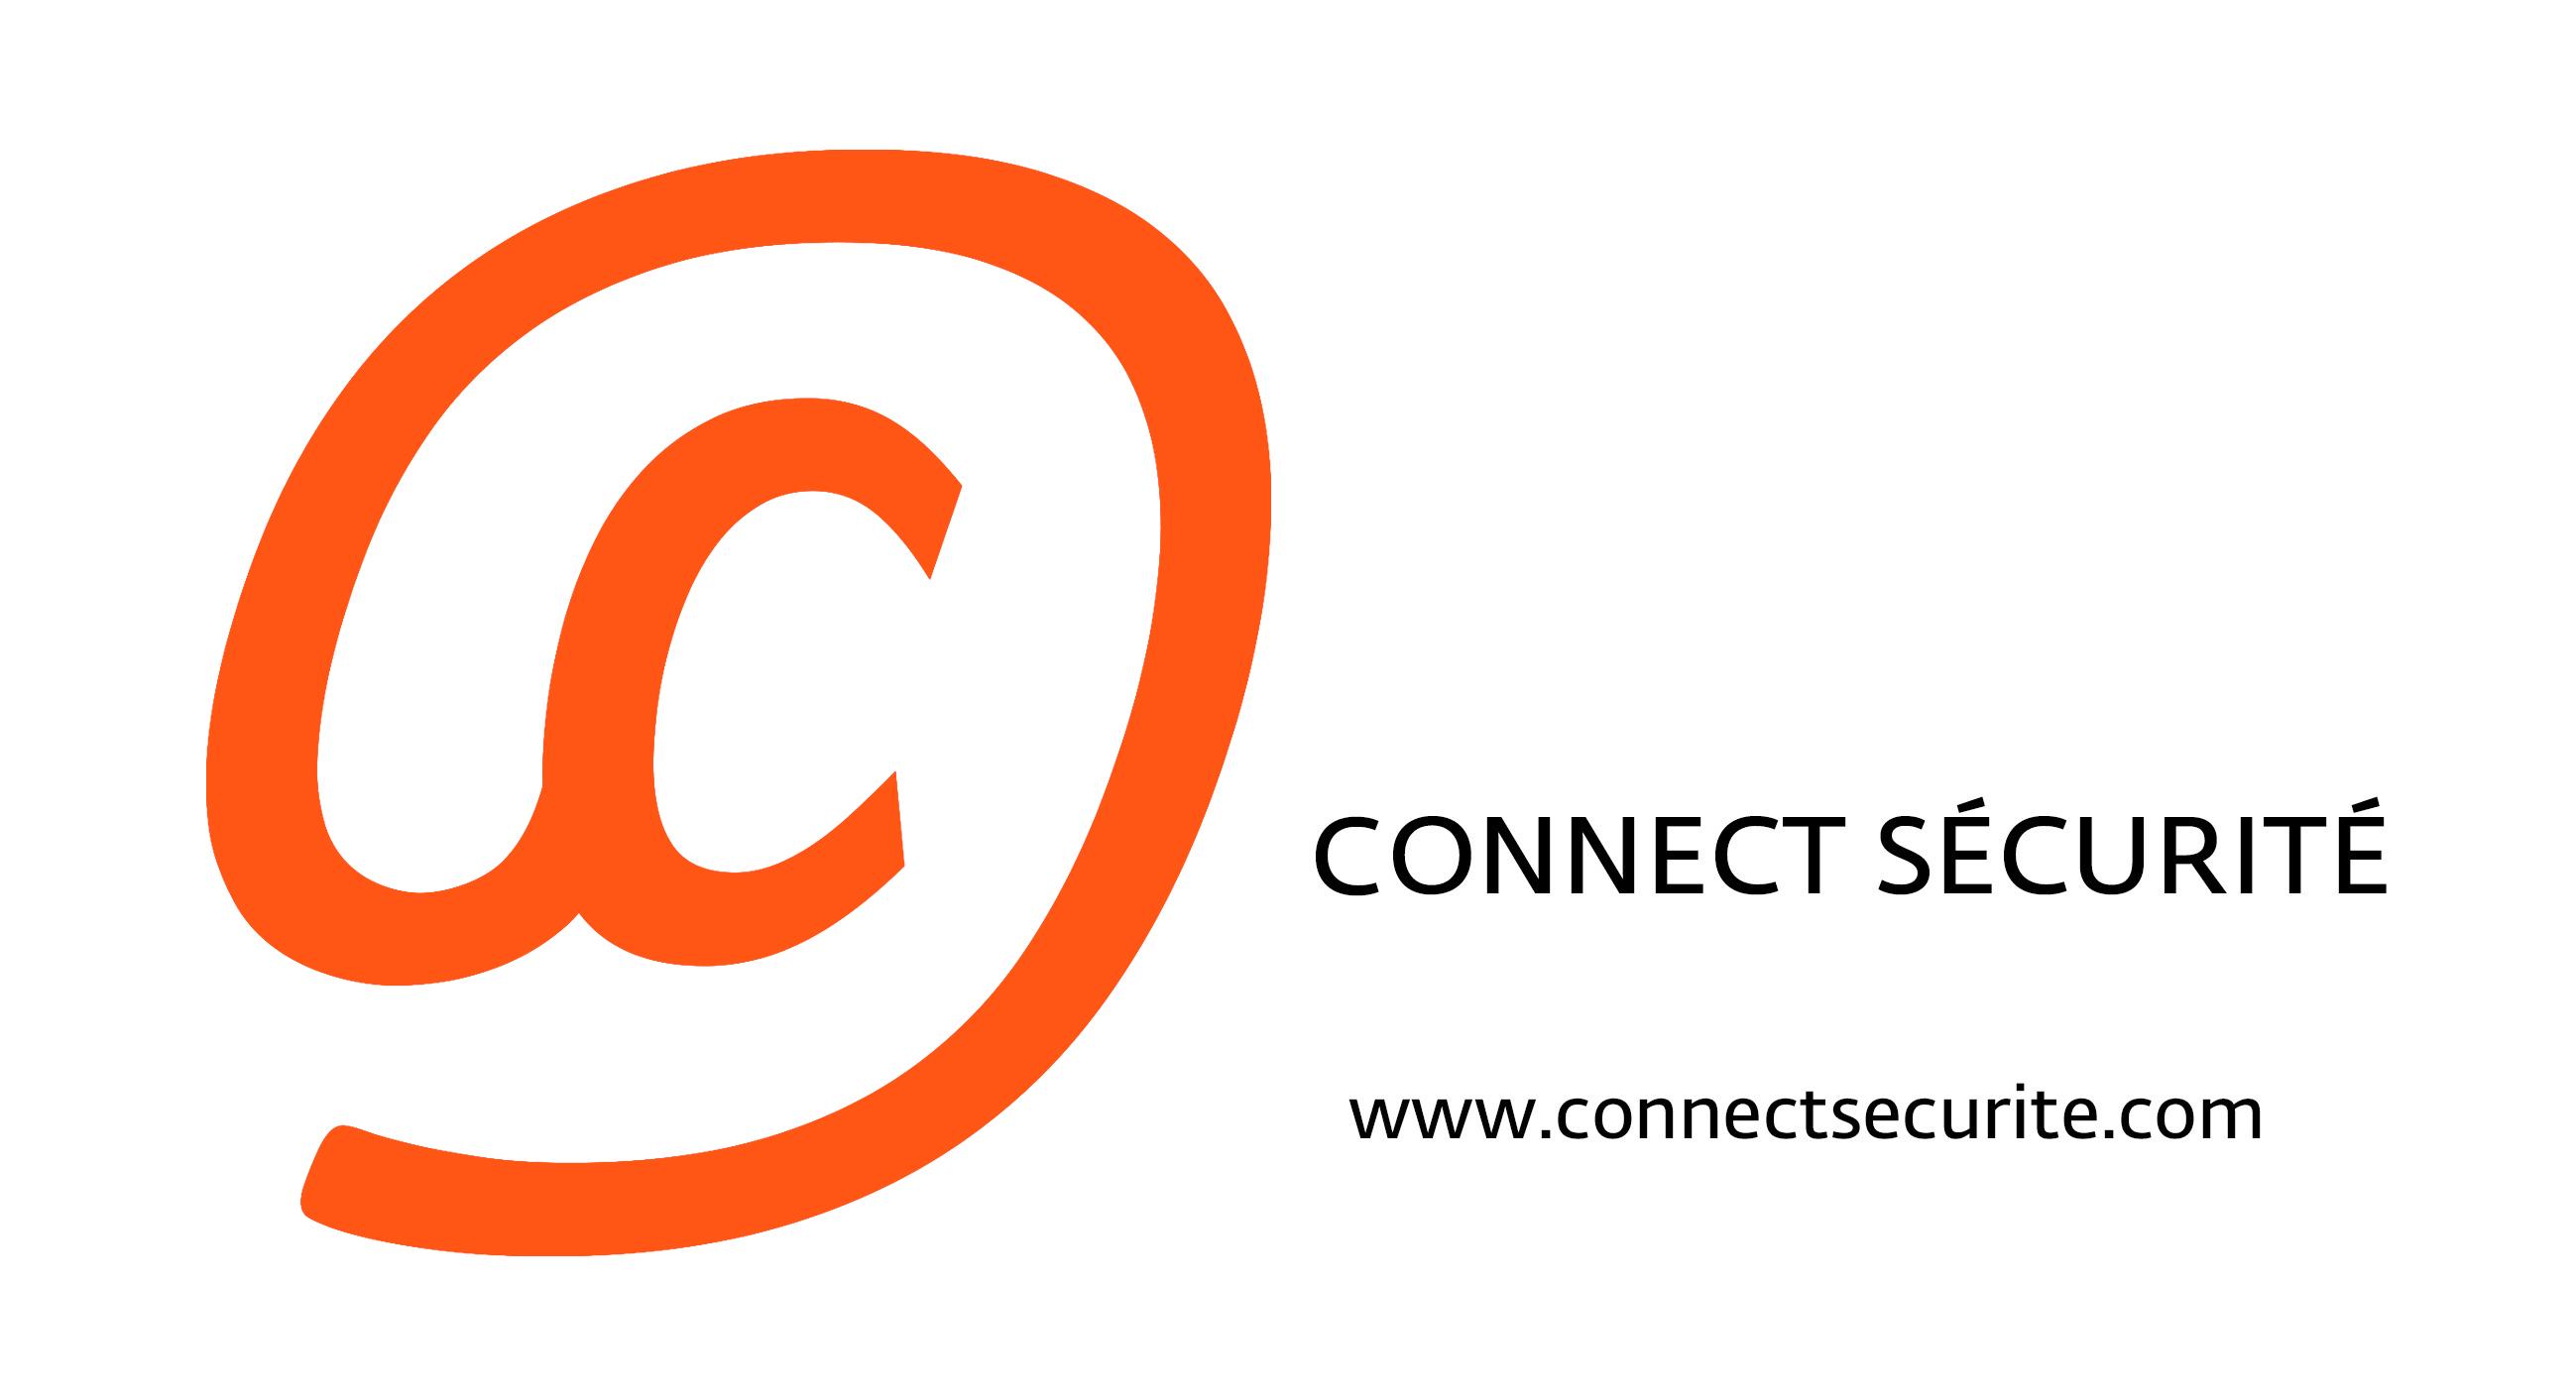 CONECTSECURITE--testfondblancbis-3-1476101242.jpg